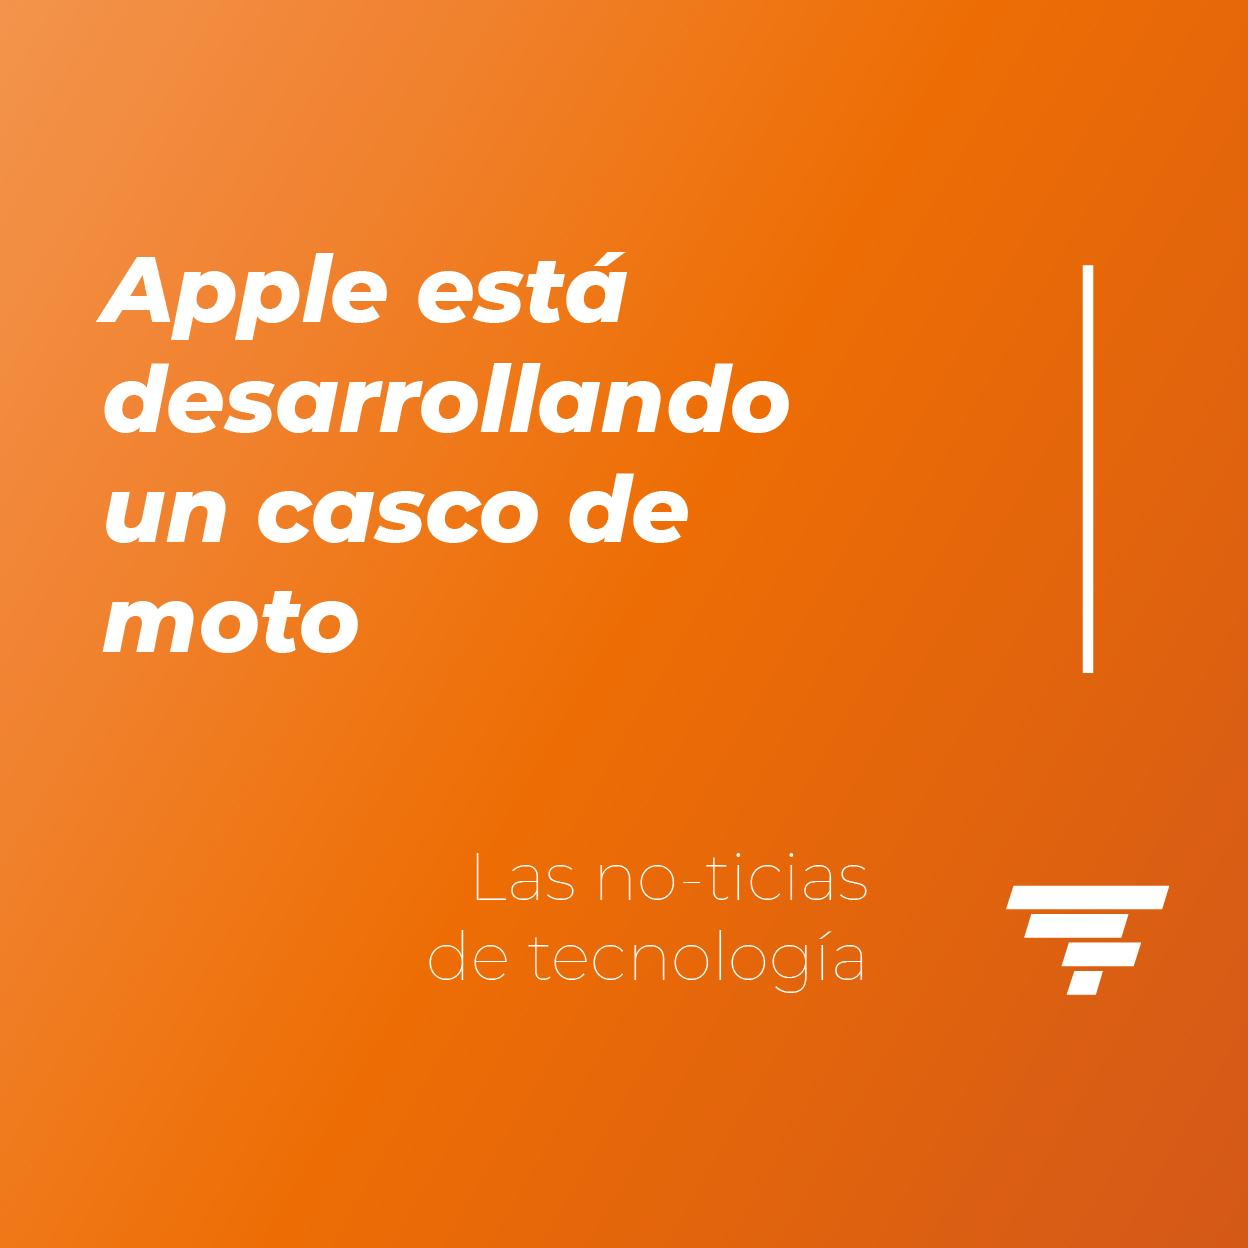 Apple está desarrollando un casco de moto